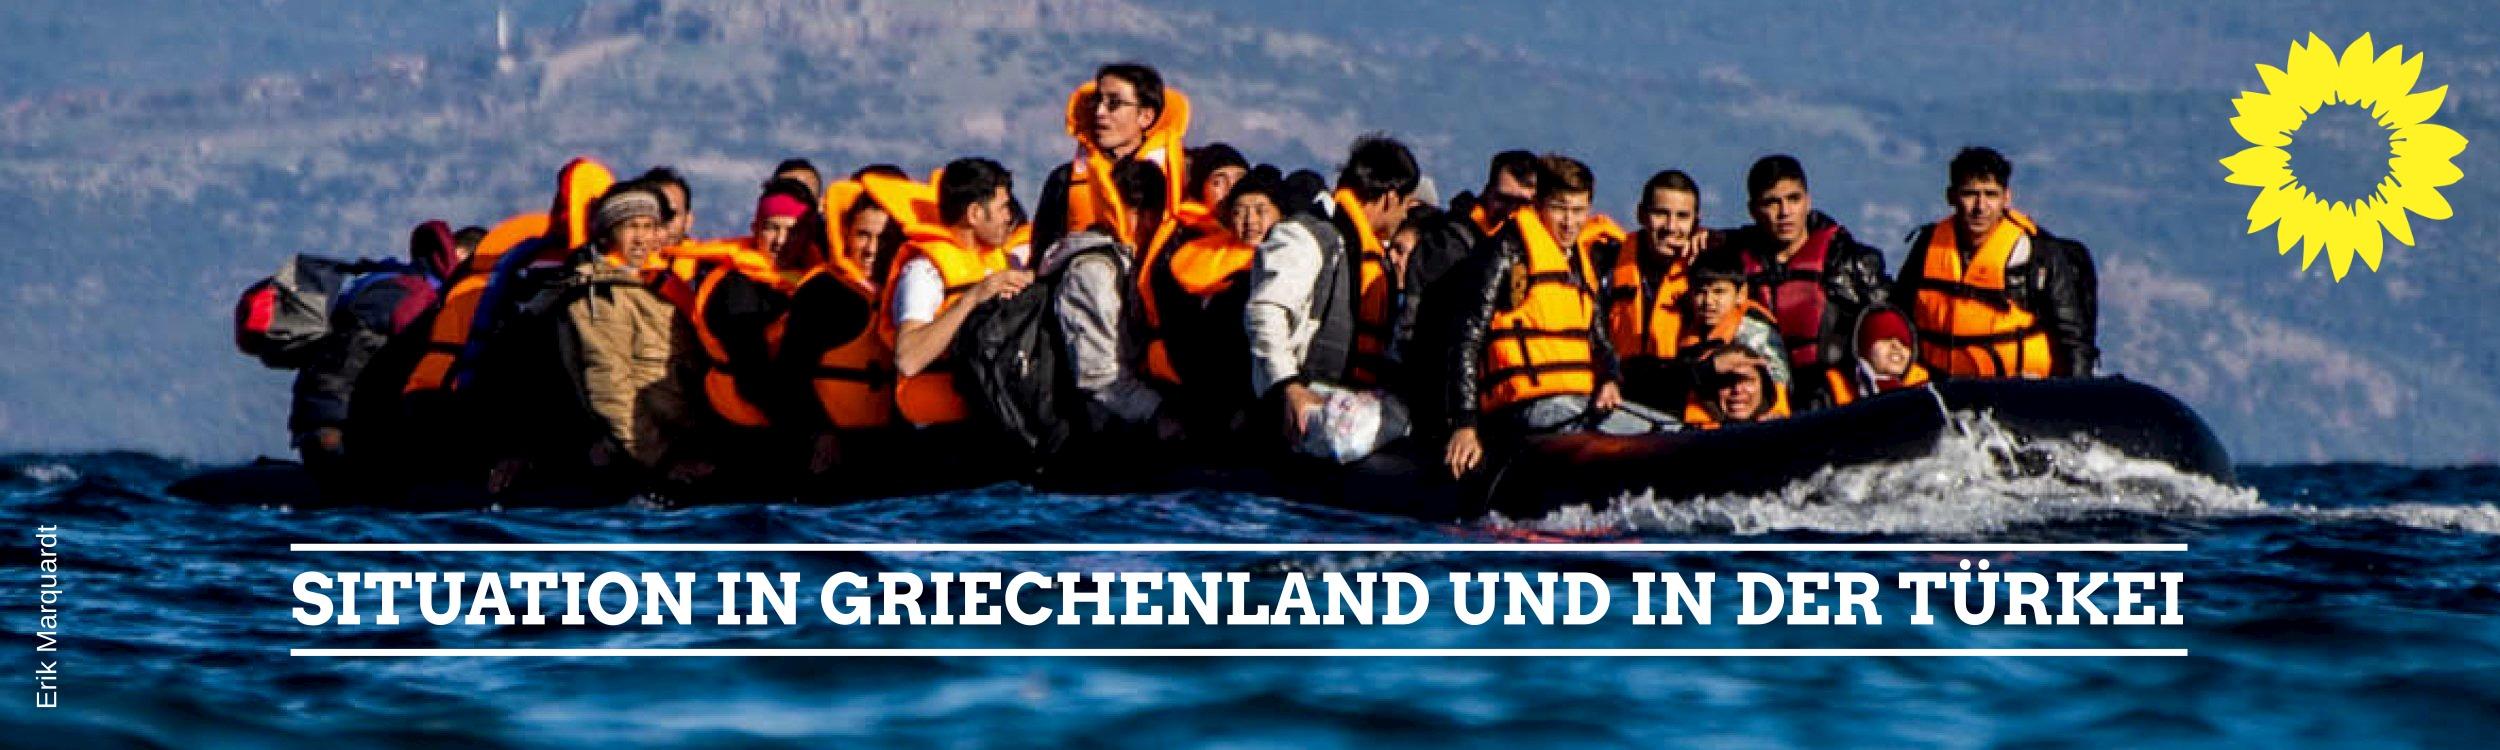 Menschen auf einem überfüllten Boot auf der Flucht nach Griechenland